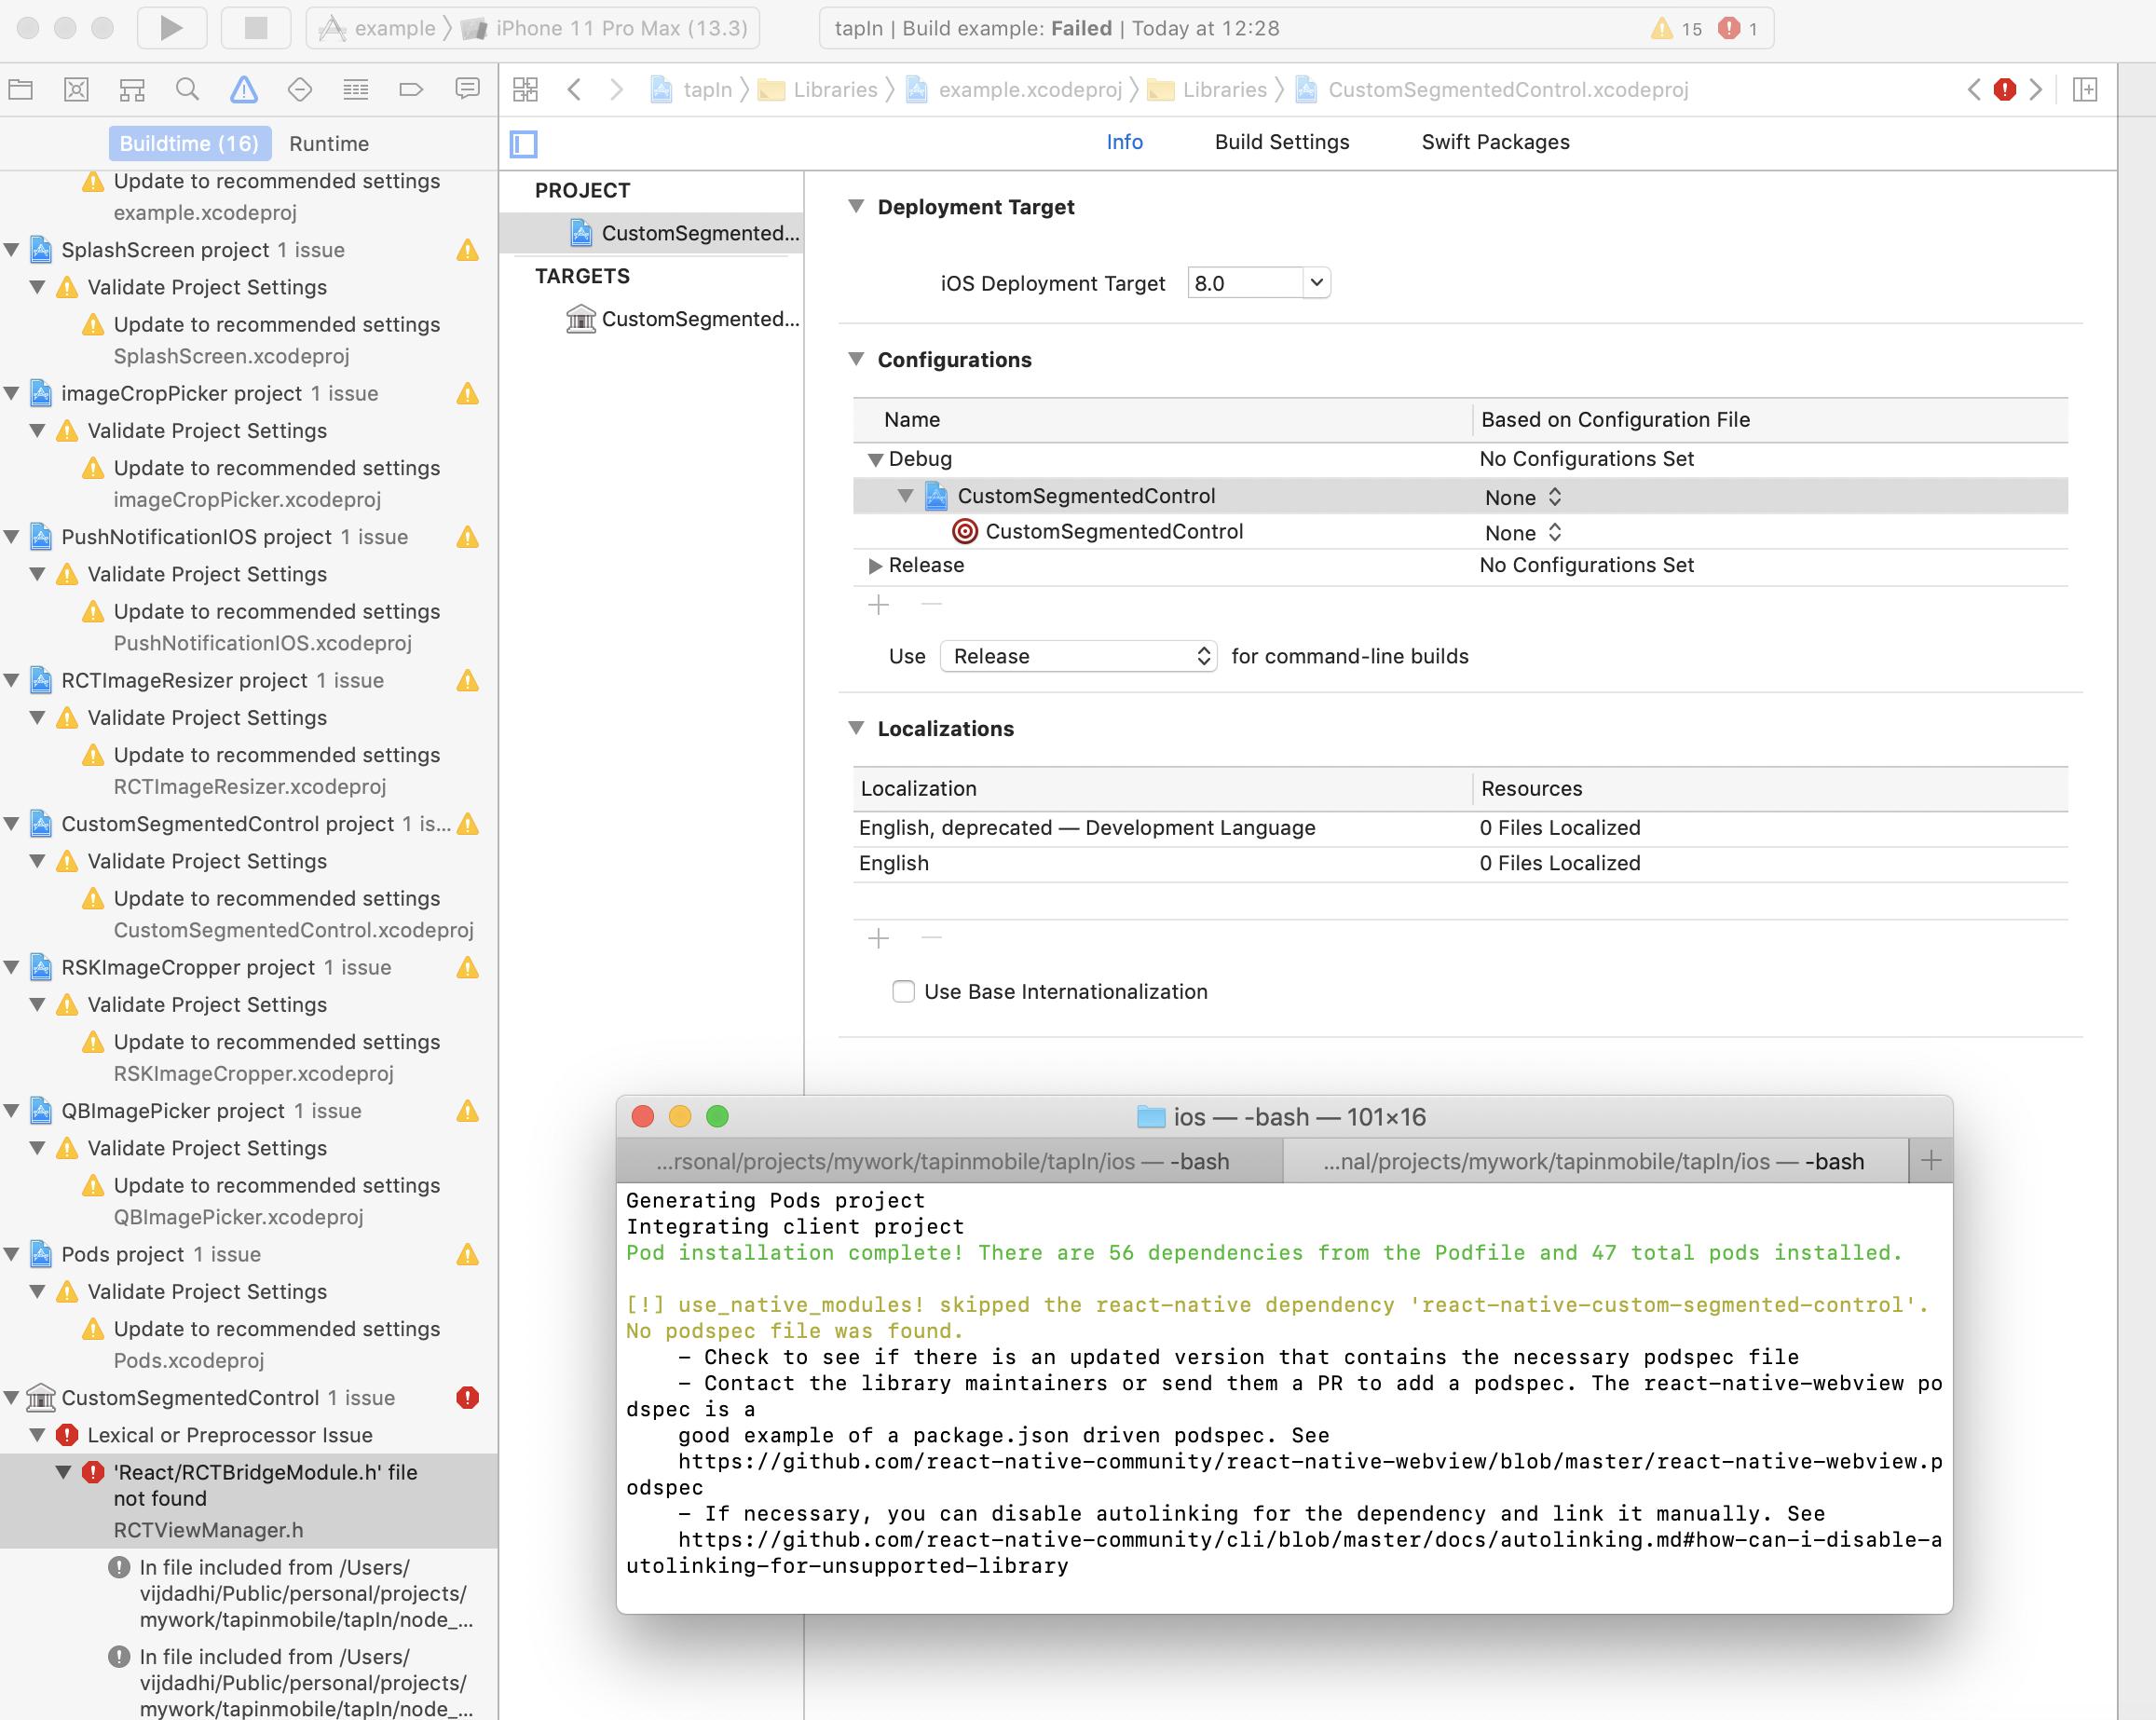 Screenshot 2020-06-21 at 12 44 35